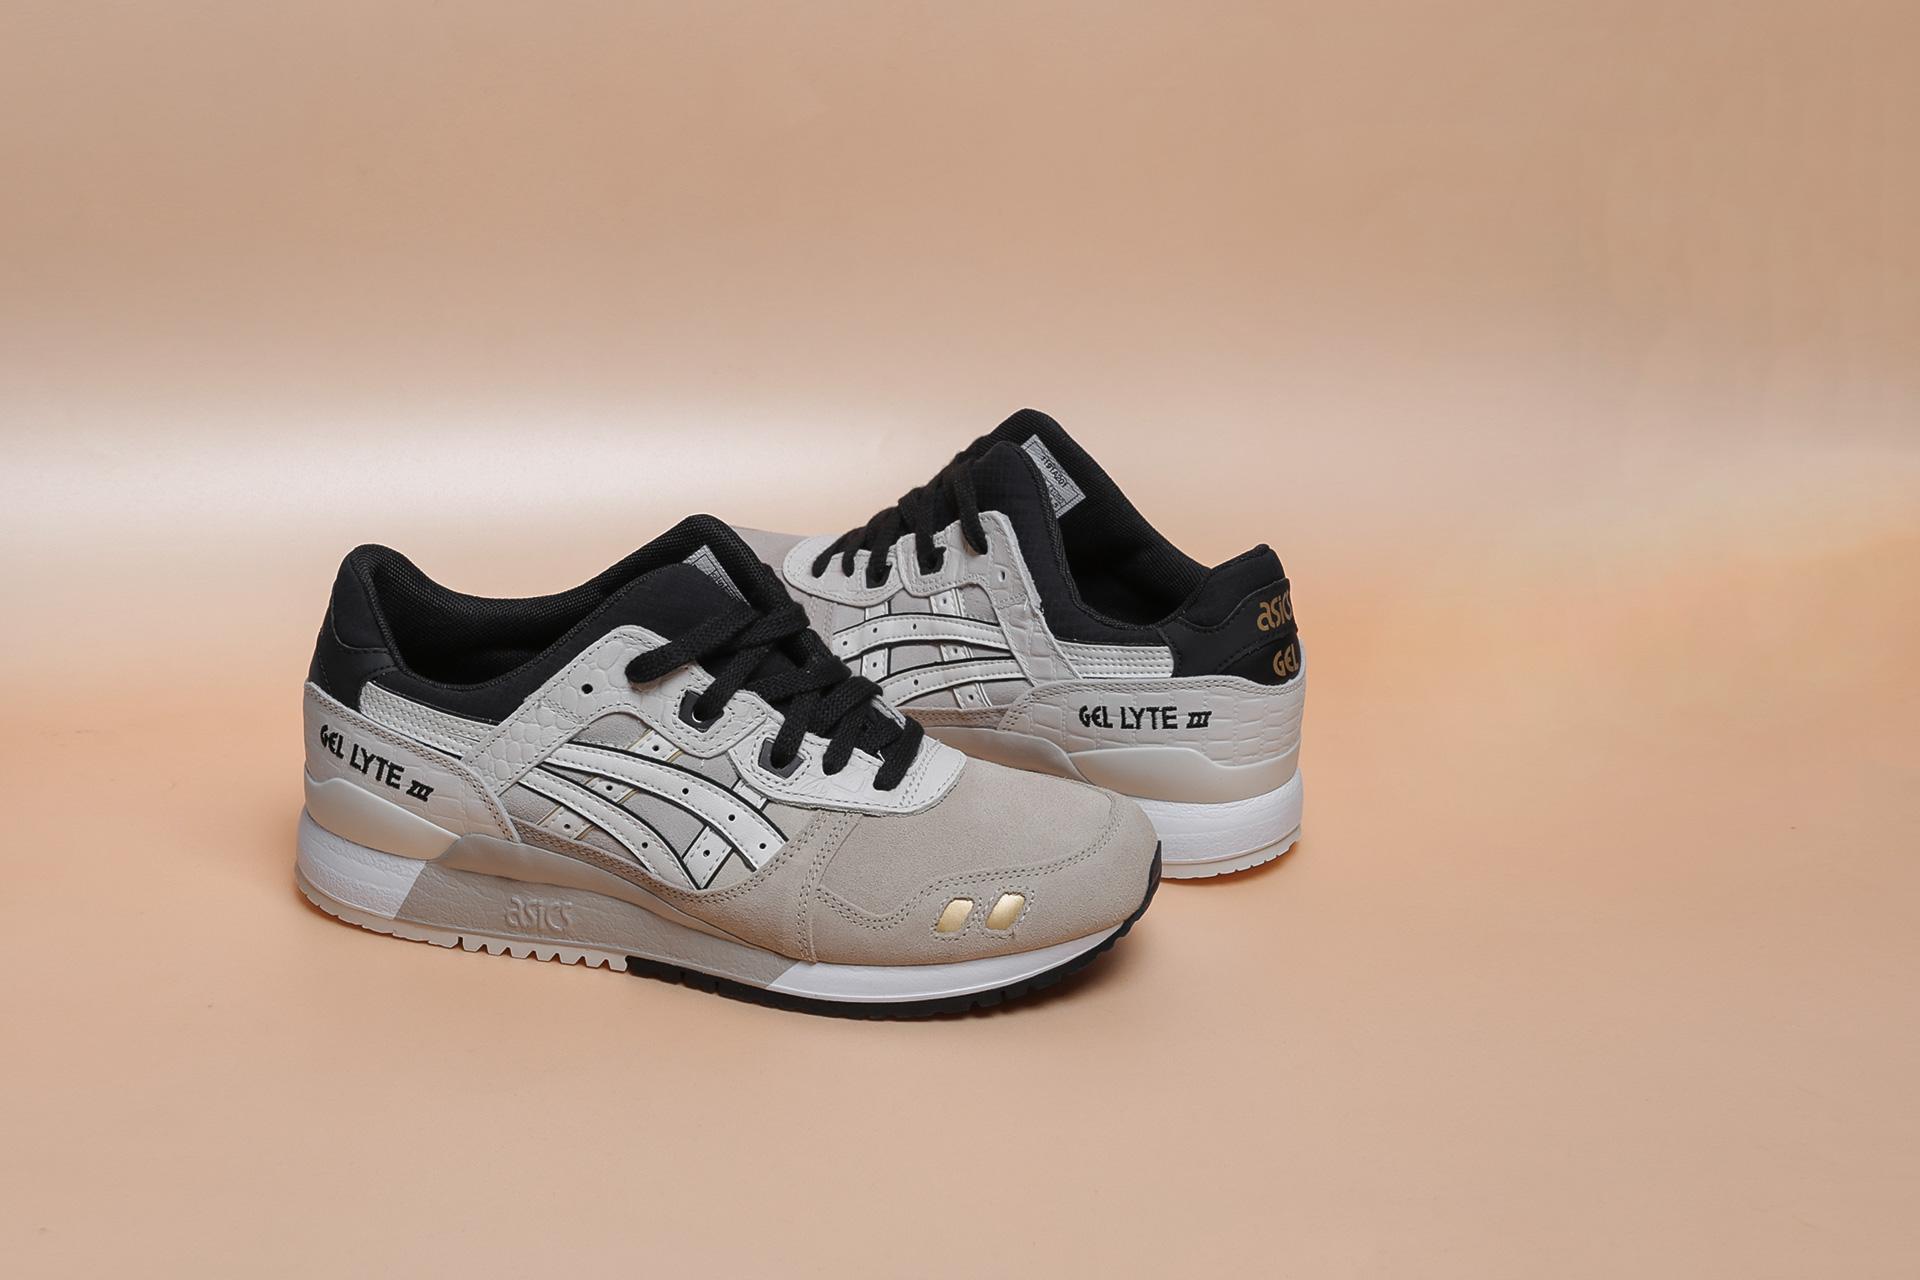 Купить бежевые мужские кроссовки Gel-Lyte III от ASICS (1191A201-021 ... 19d6b03a0f061